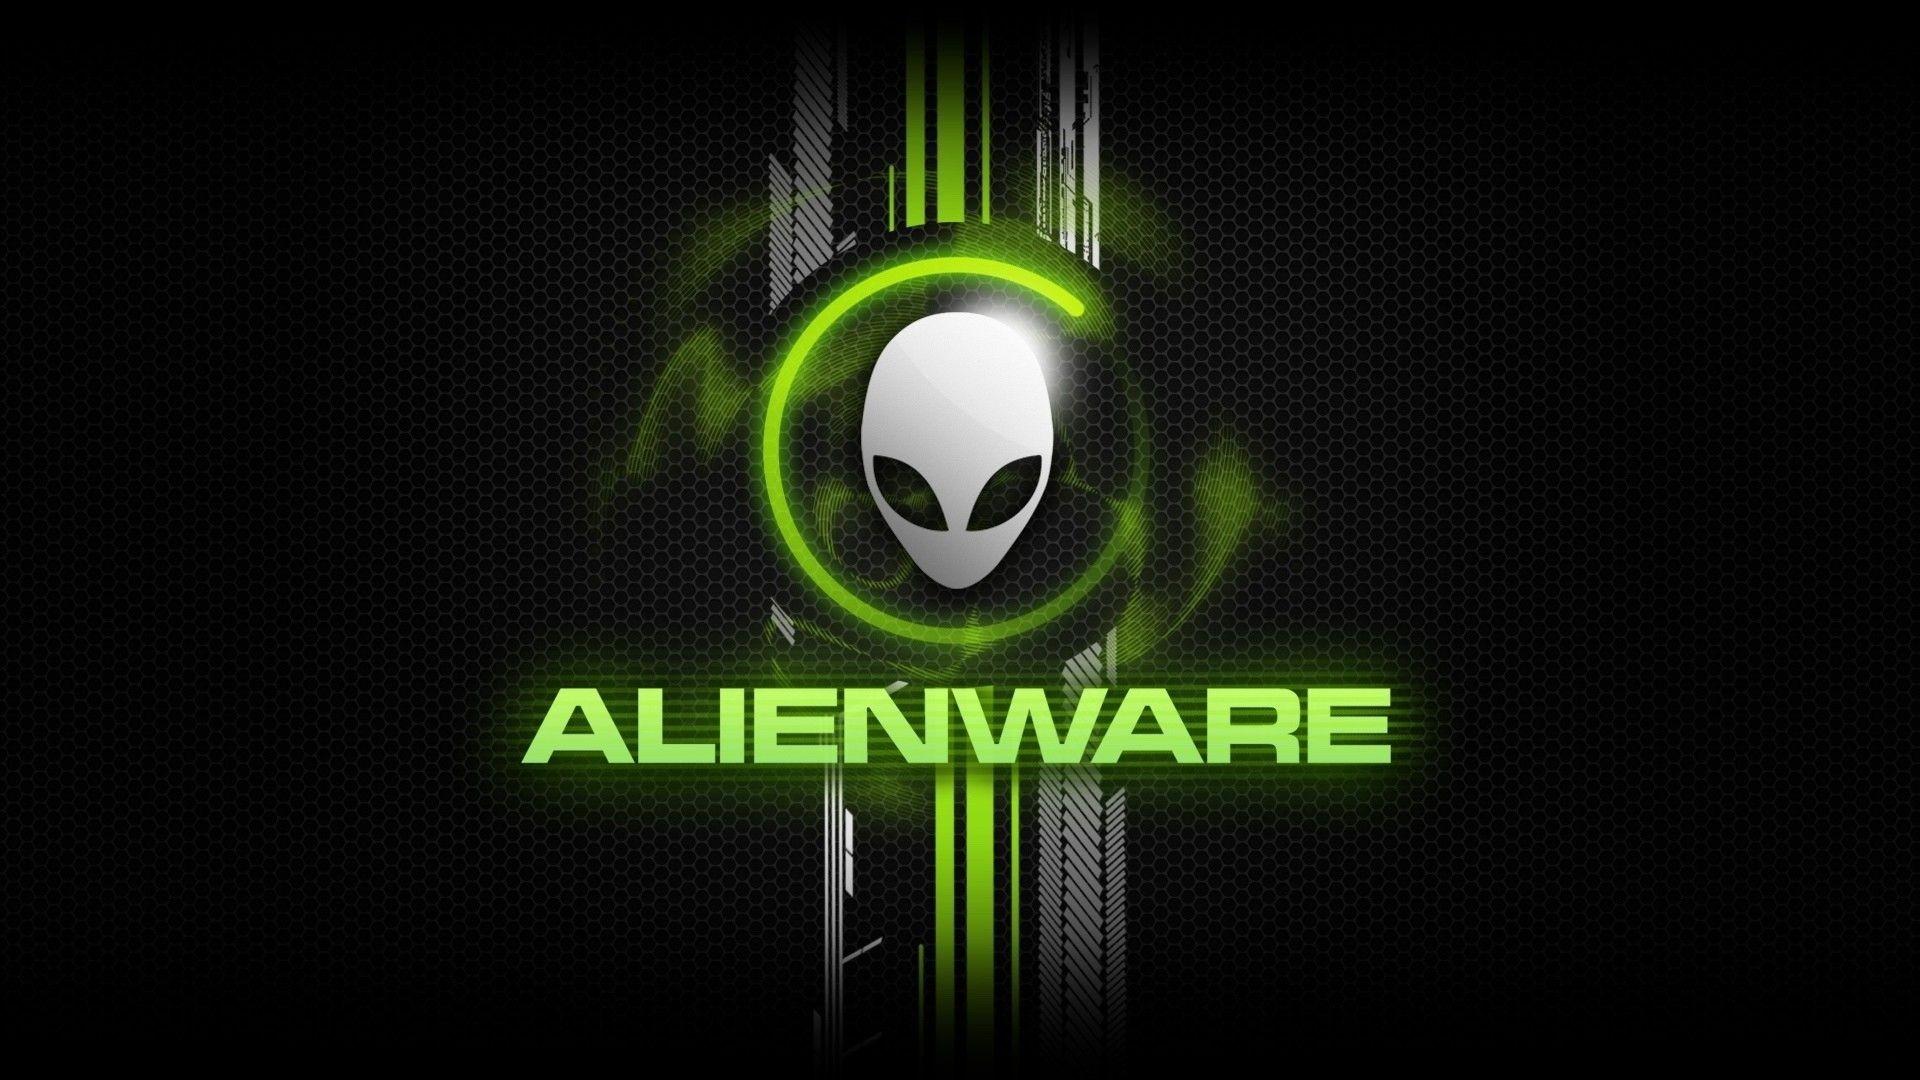 alienware wallpaper 1920x1200 for xiaomi